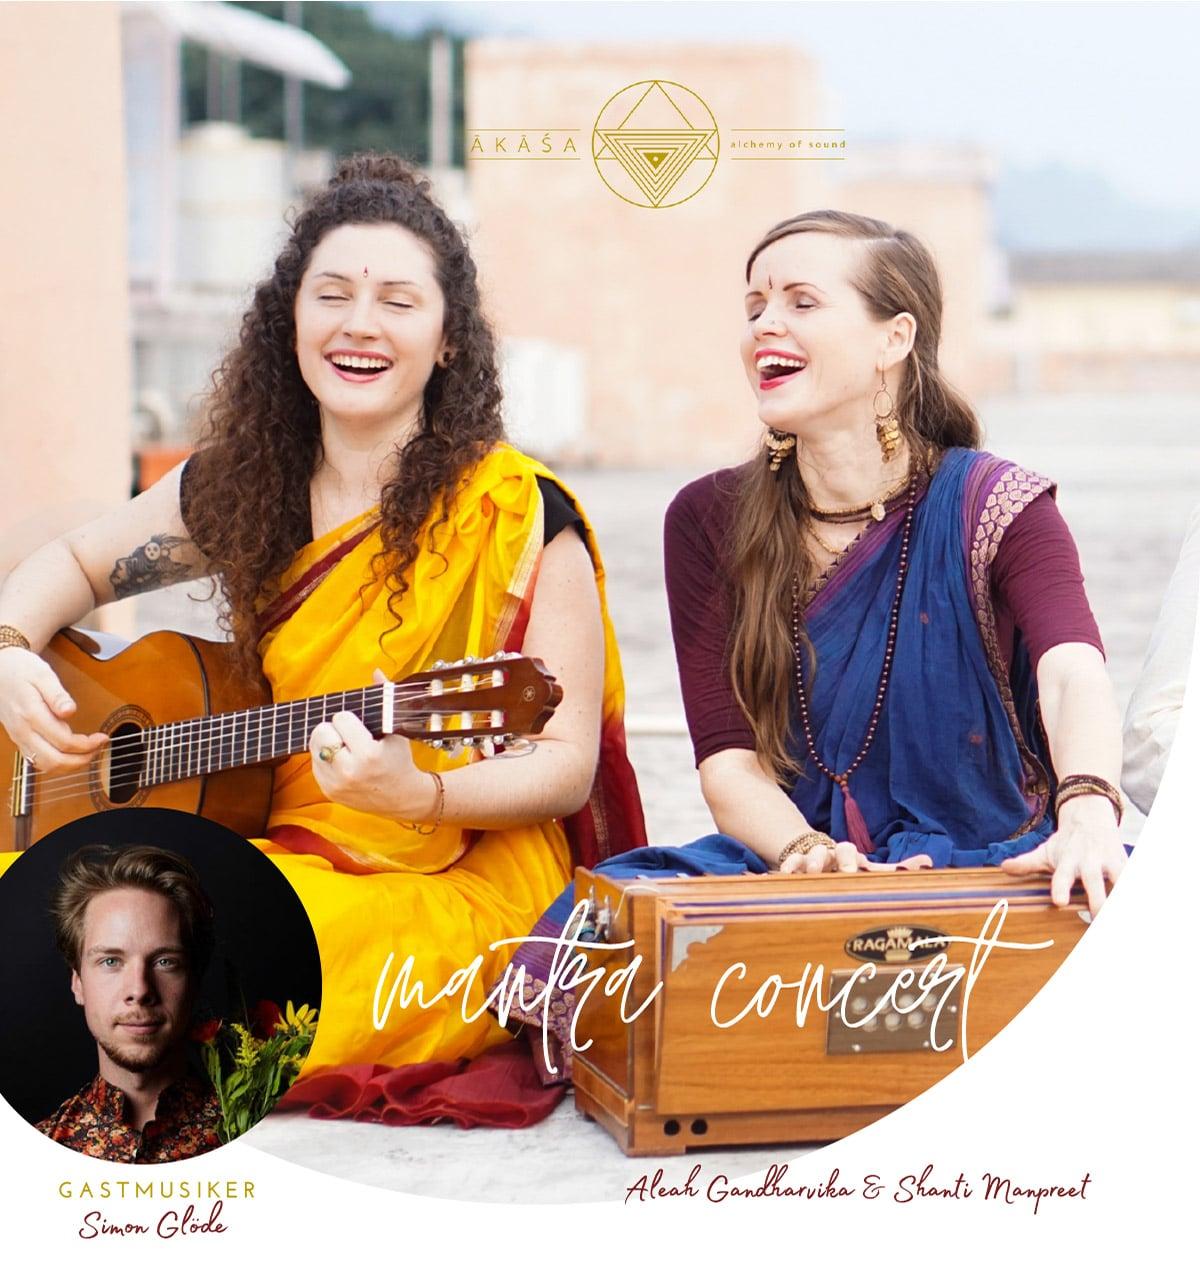 Mantra Konzert in Dorf Wangerland mit Akasha